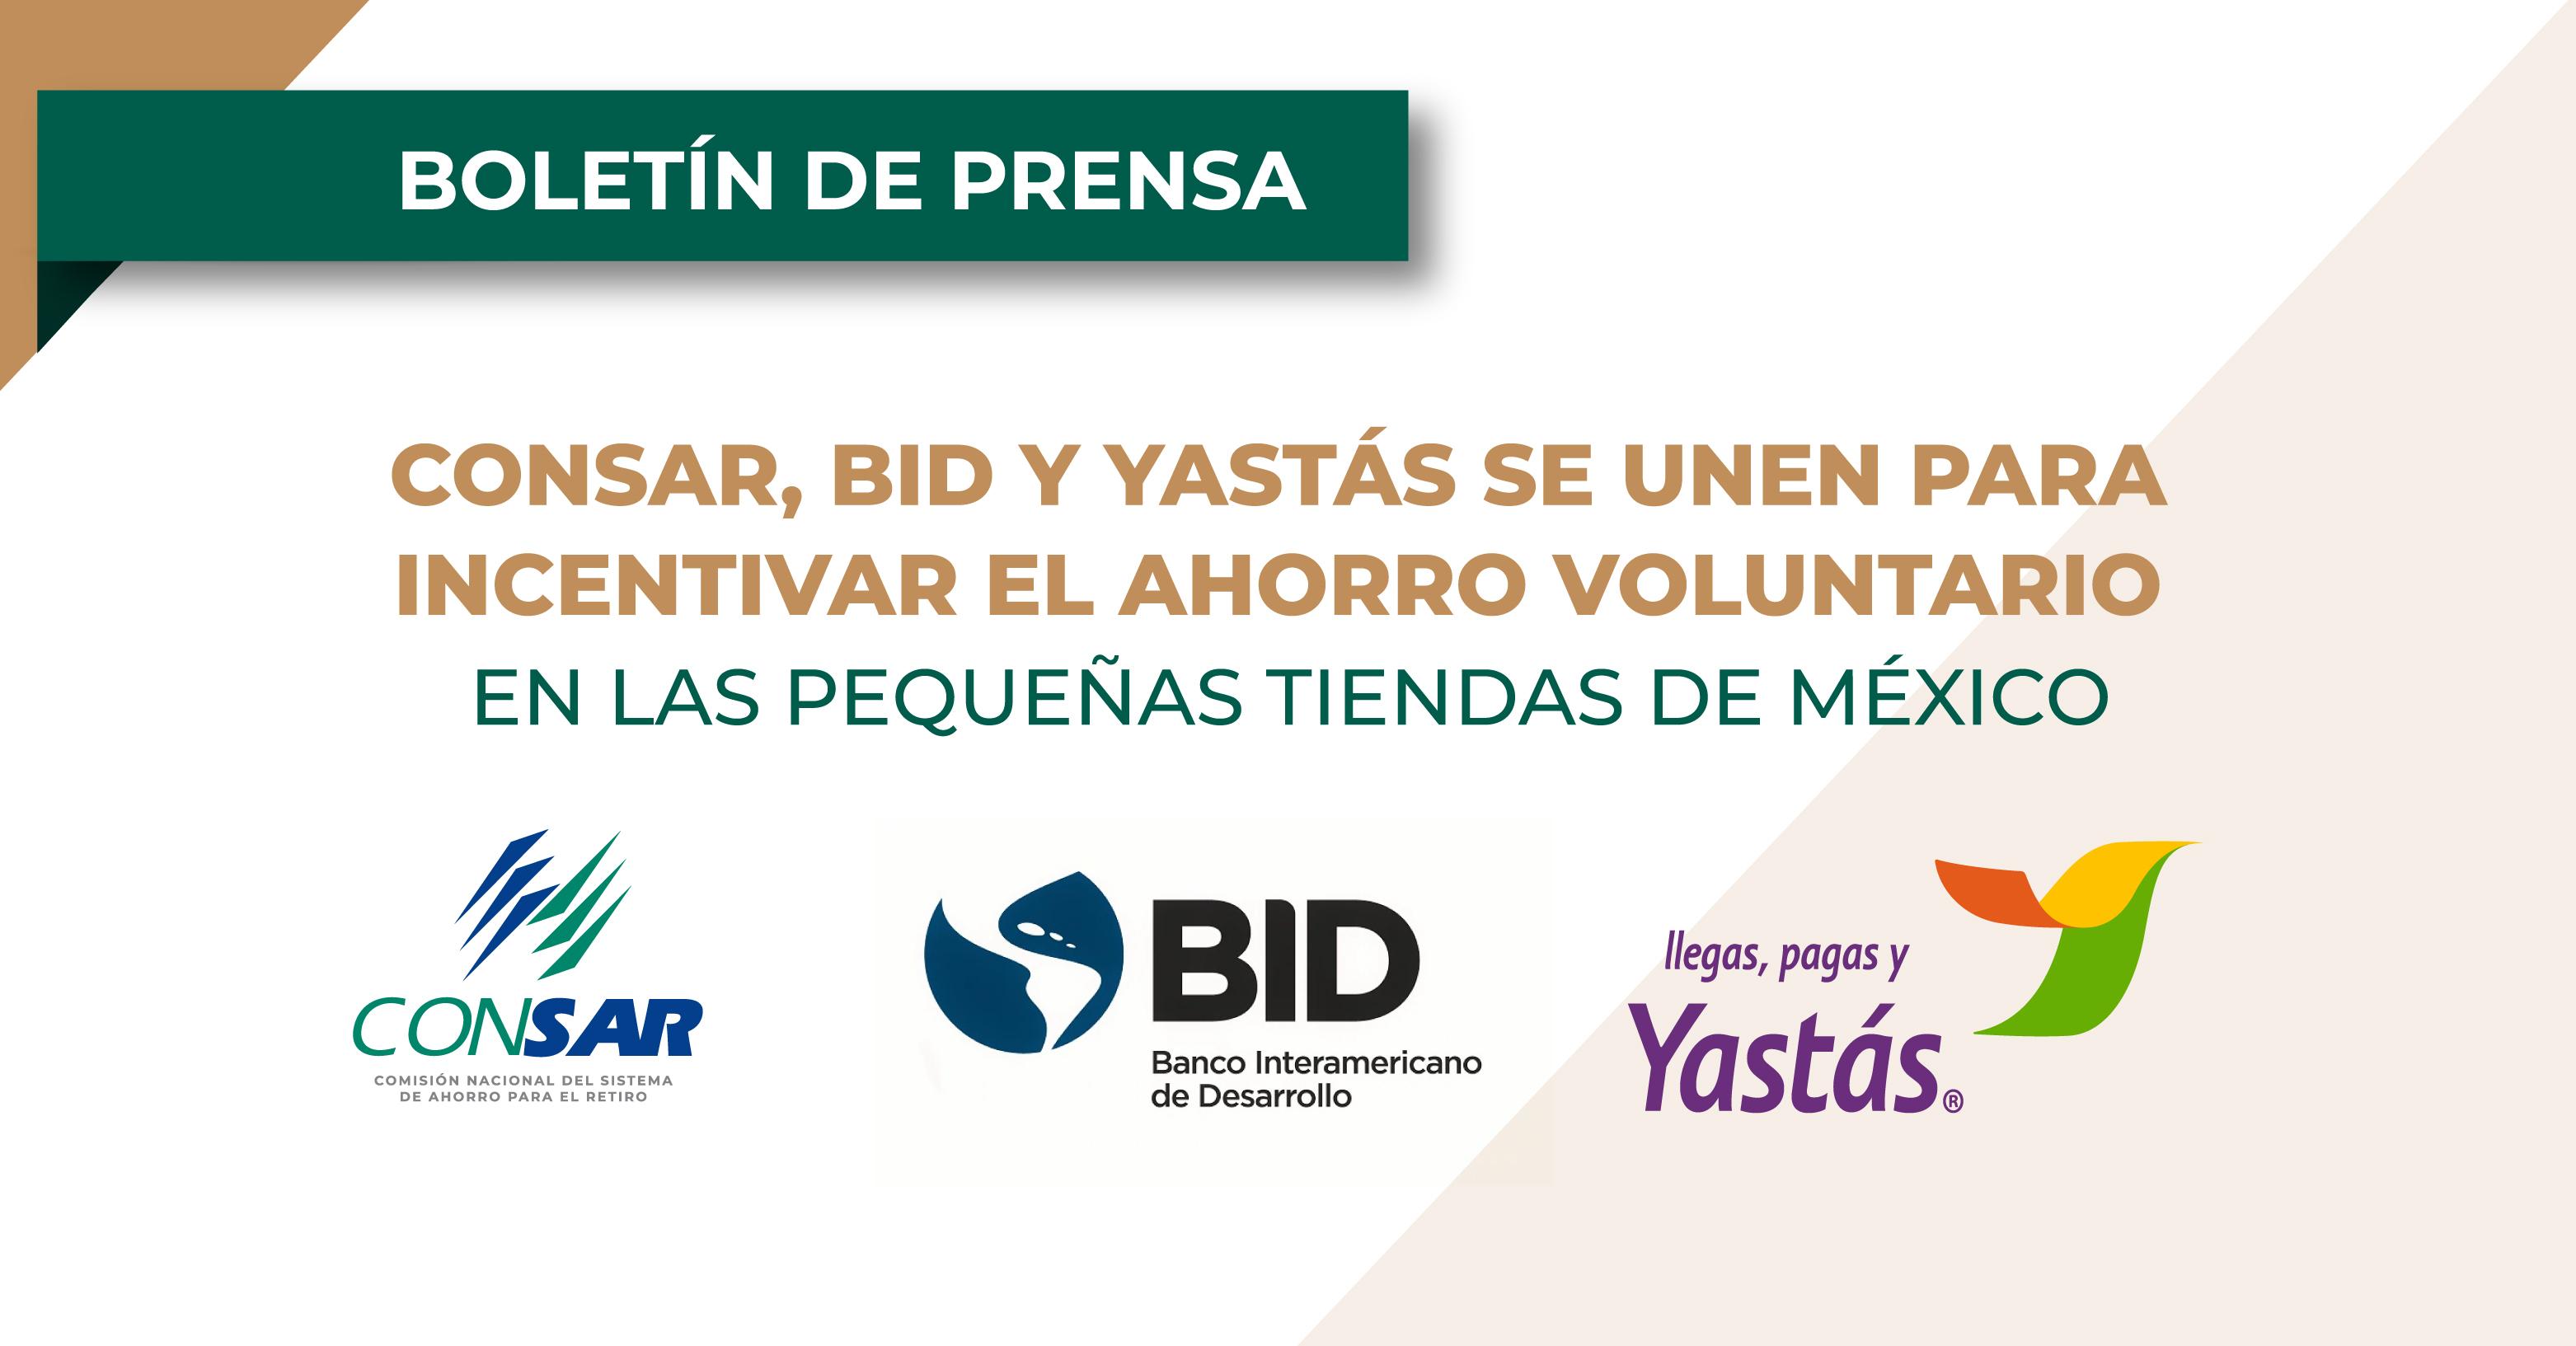 CONSAR, BID y Yastás se unen para diseñar mecanismos de economía conductual a fin de incentivar el ahorro voluntario en las pequeñas tiendas de México.